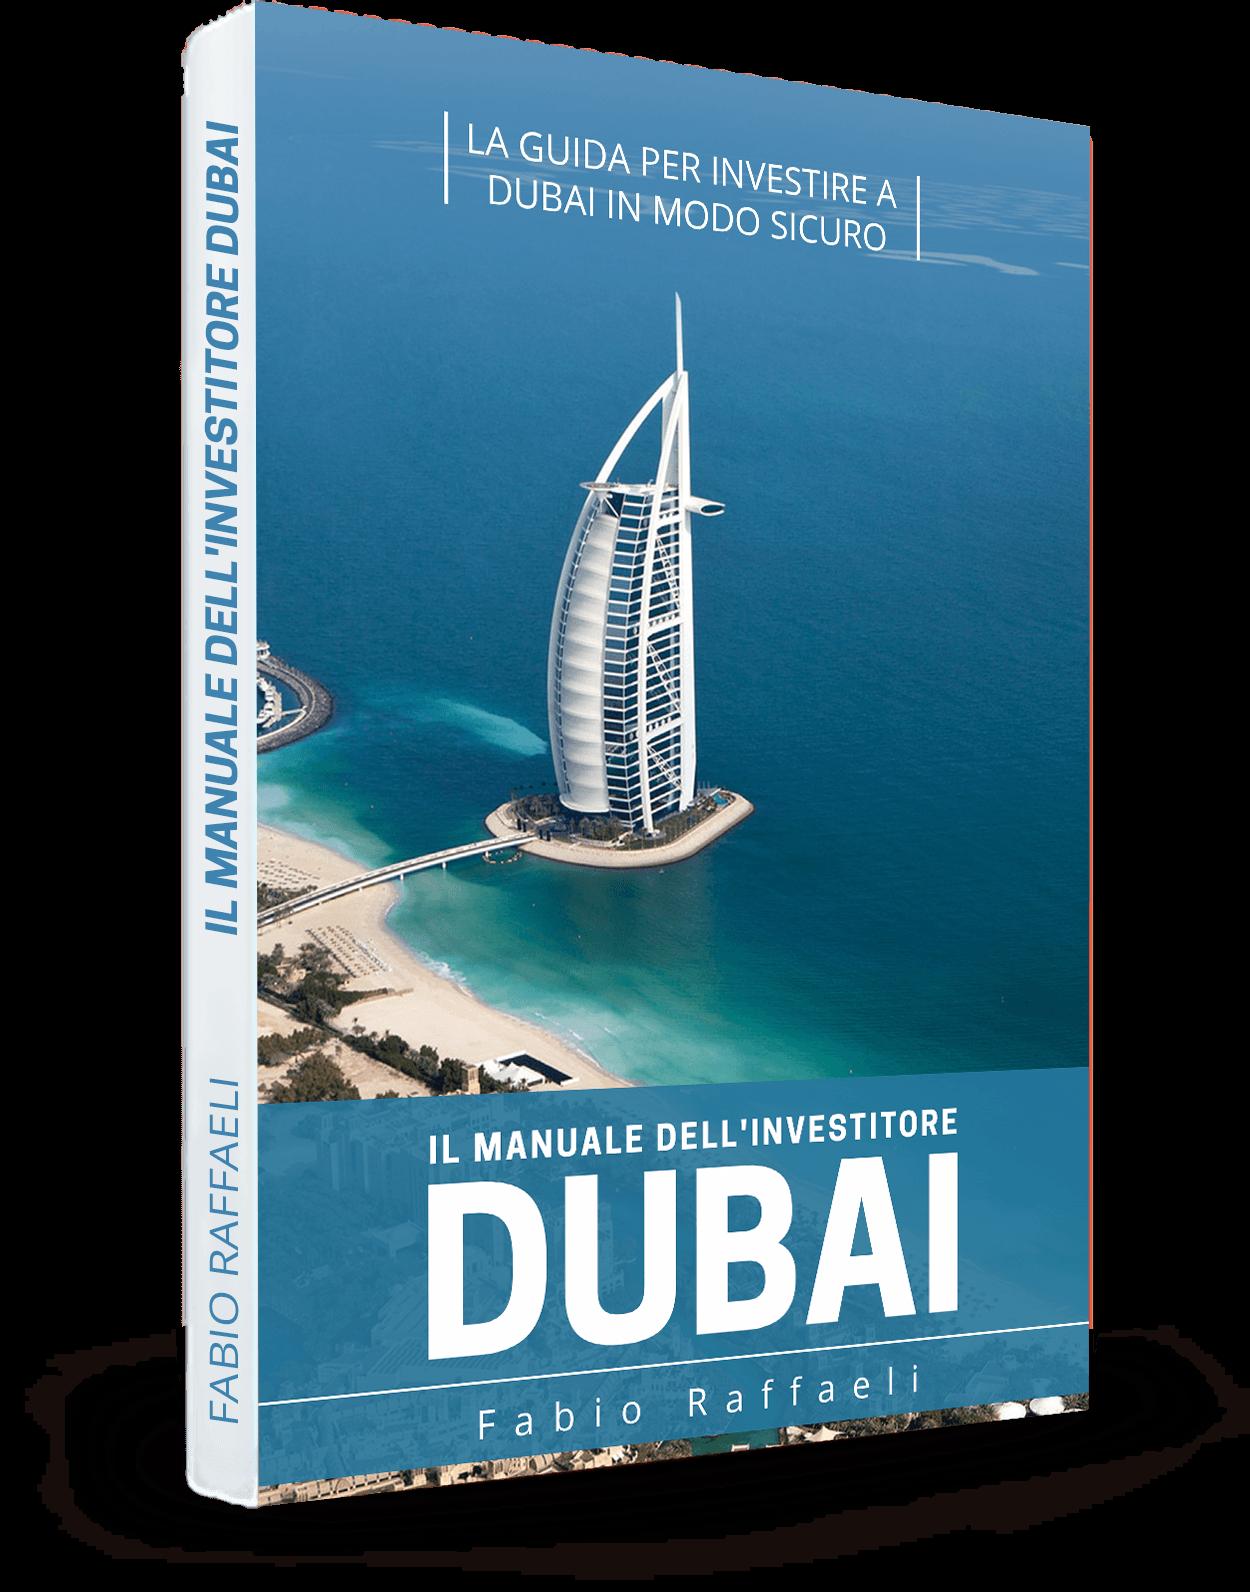 Il Manuale dell'investitore Dubai.